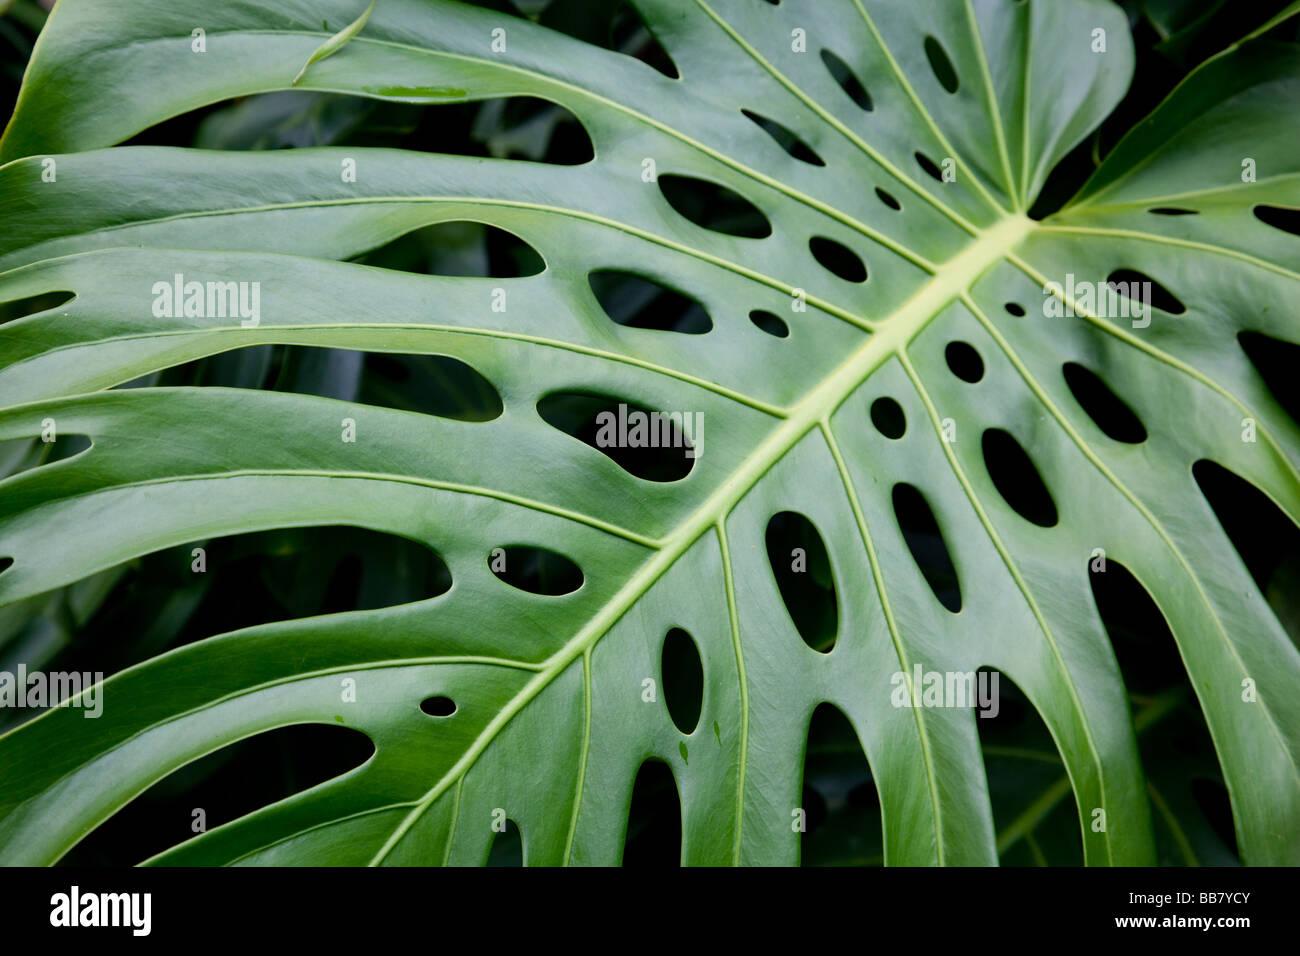 Monstera leaf (Araceae) - Stock Image